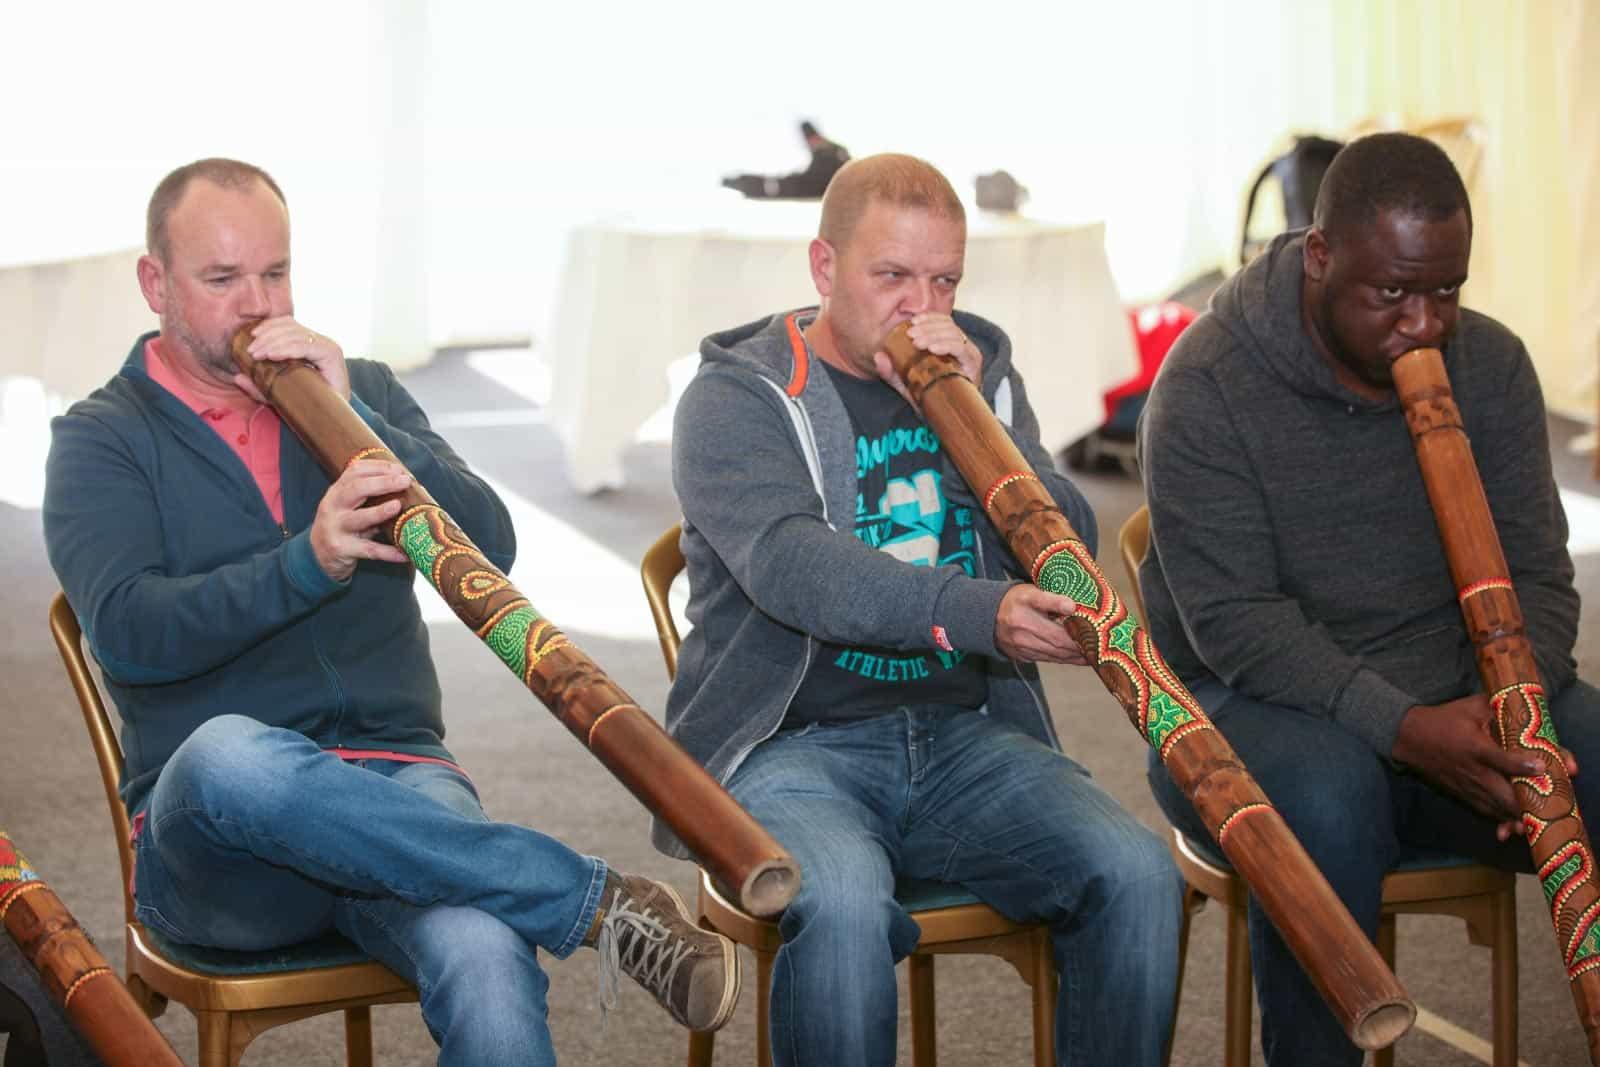 Didgeridoo team building